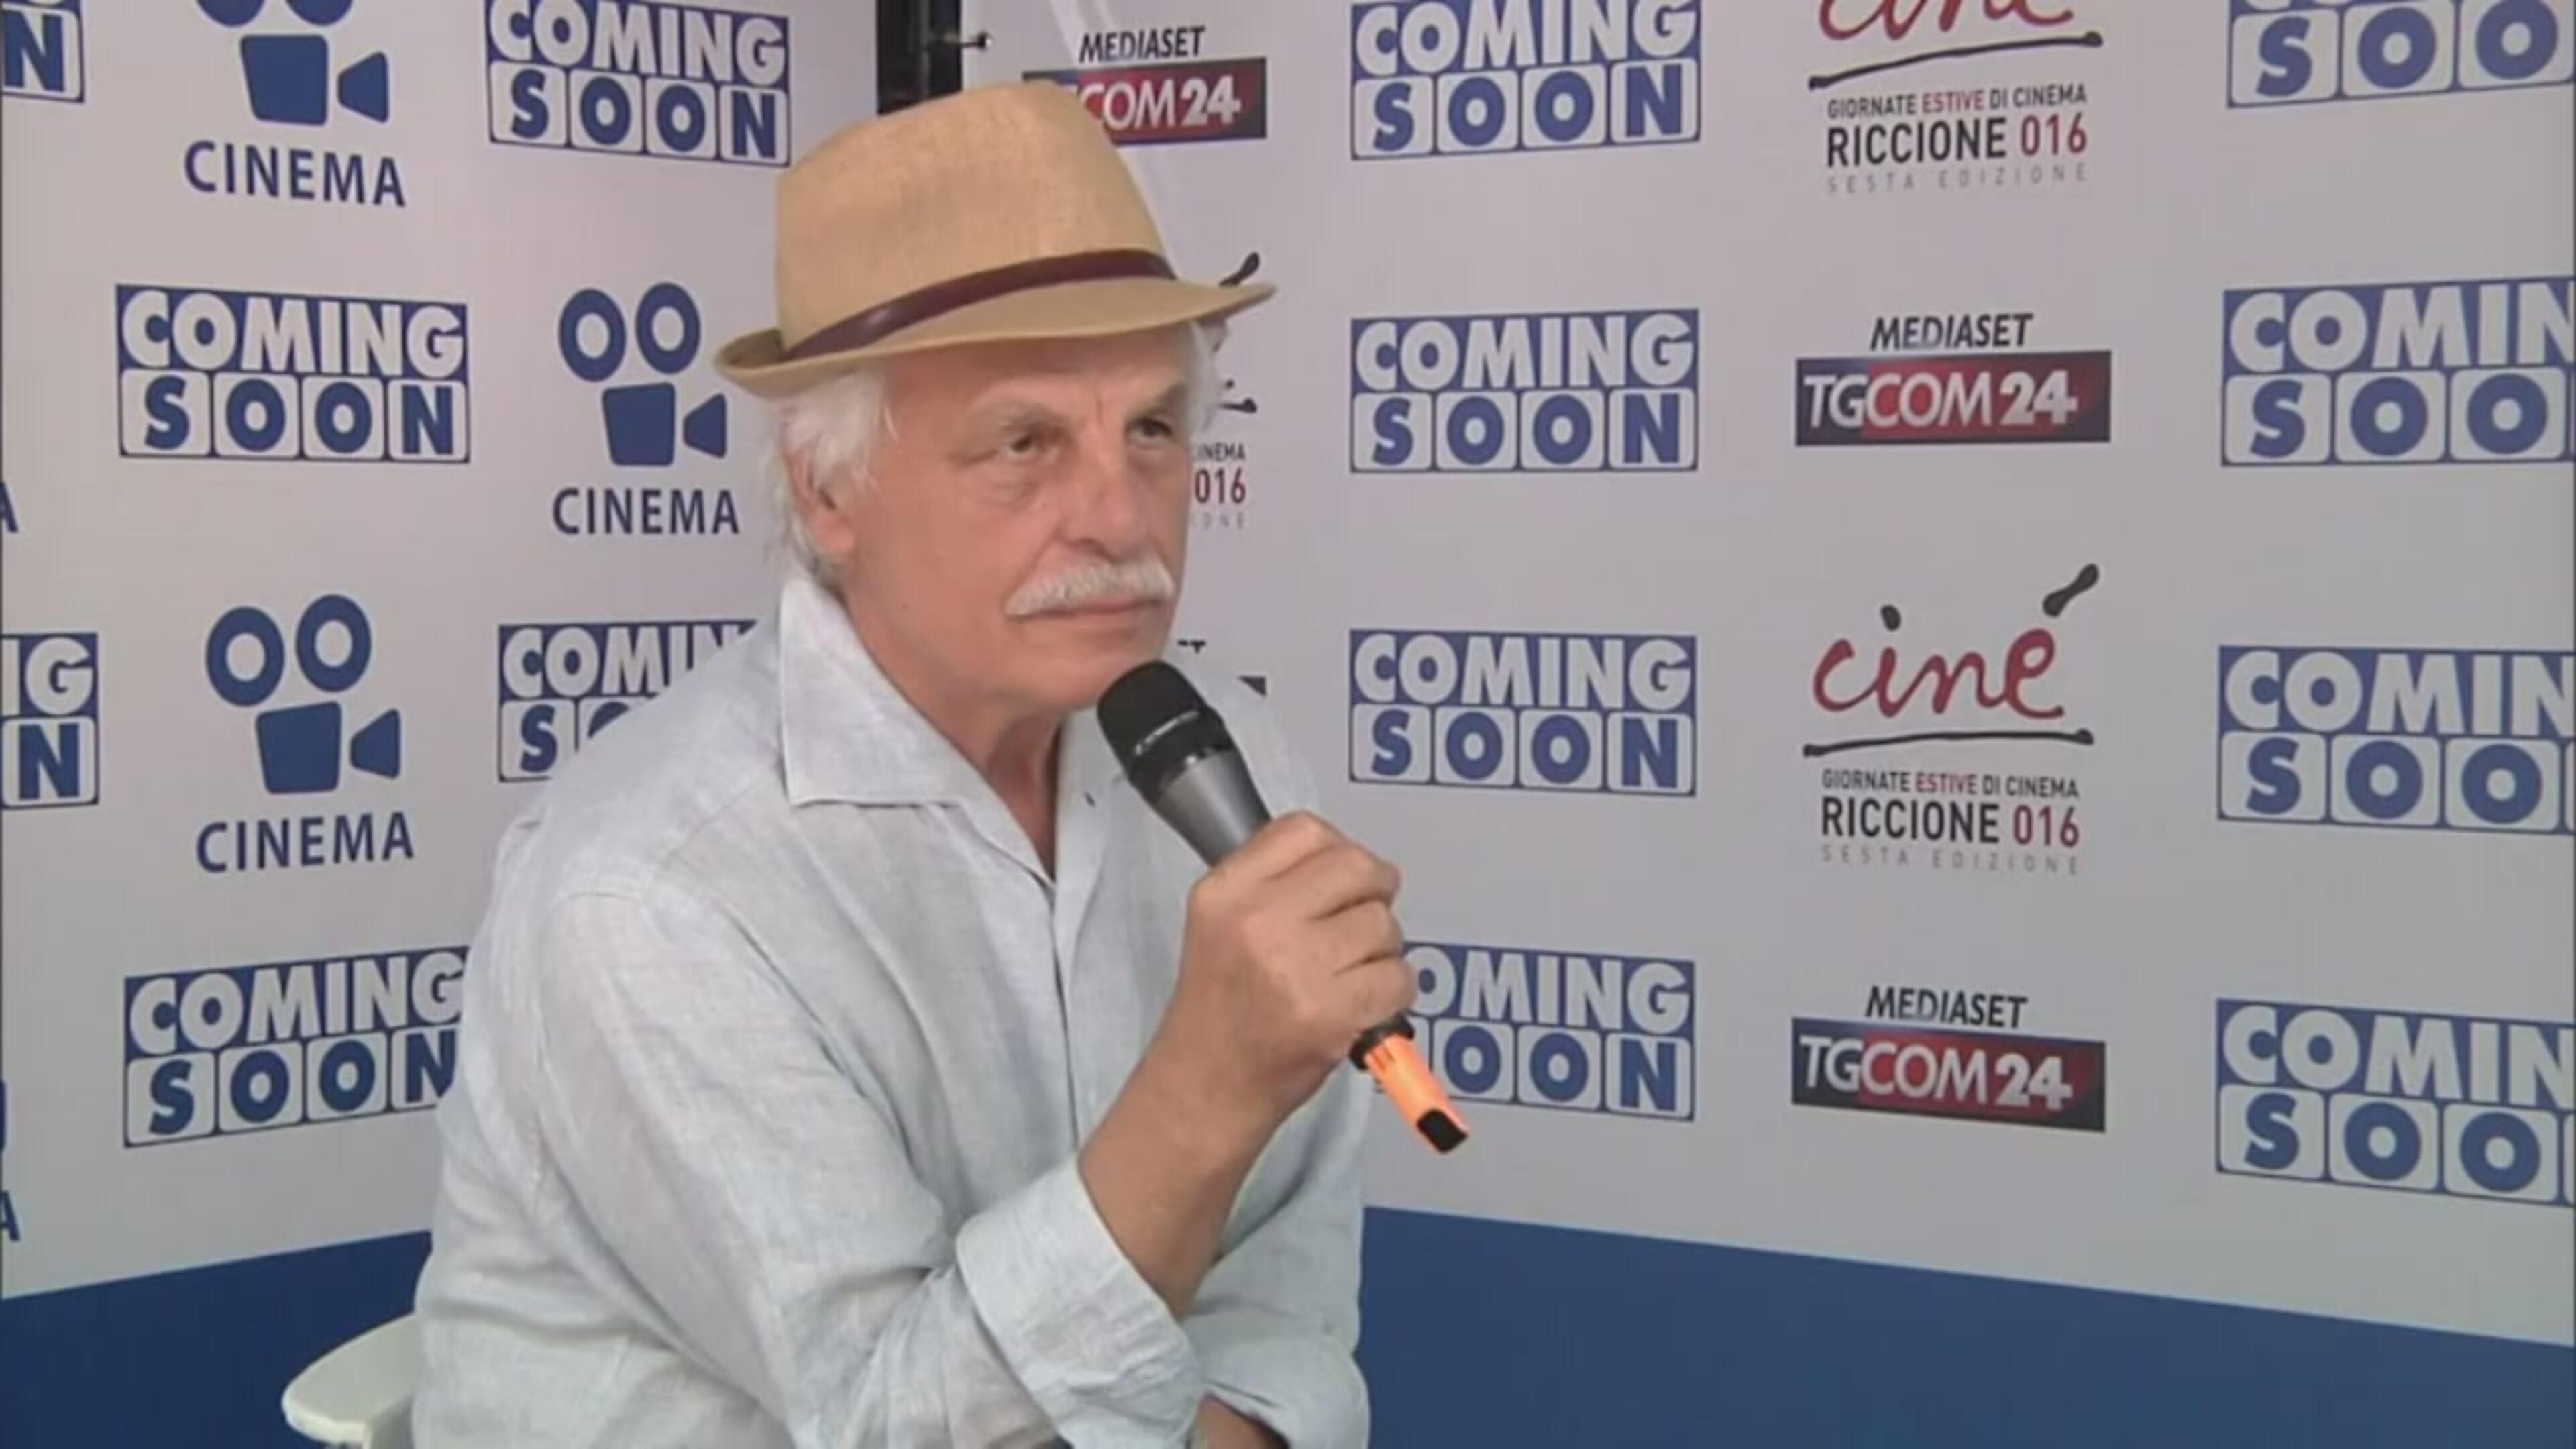 Ciné - Michele Placido dirige un film sul mondo del lavoro che suona come un action movie